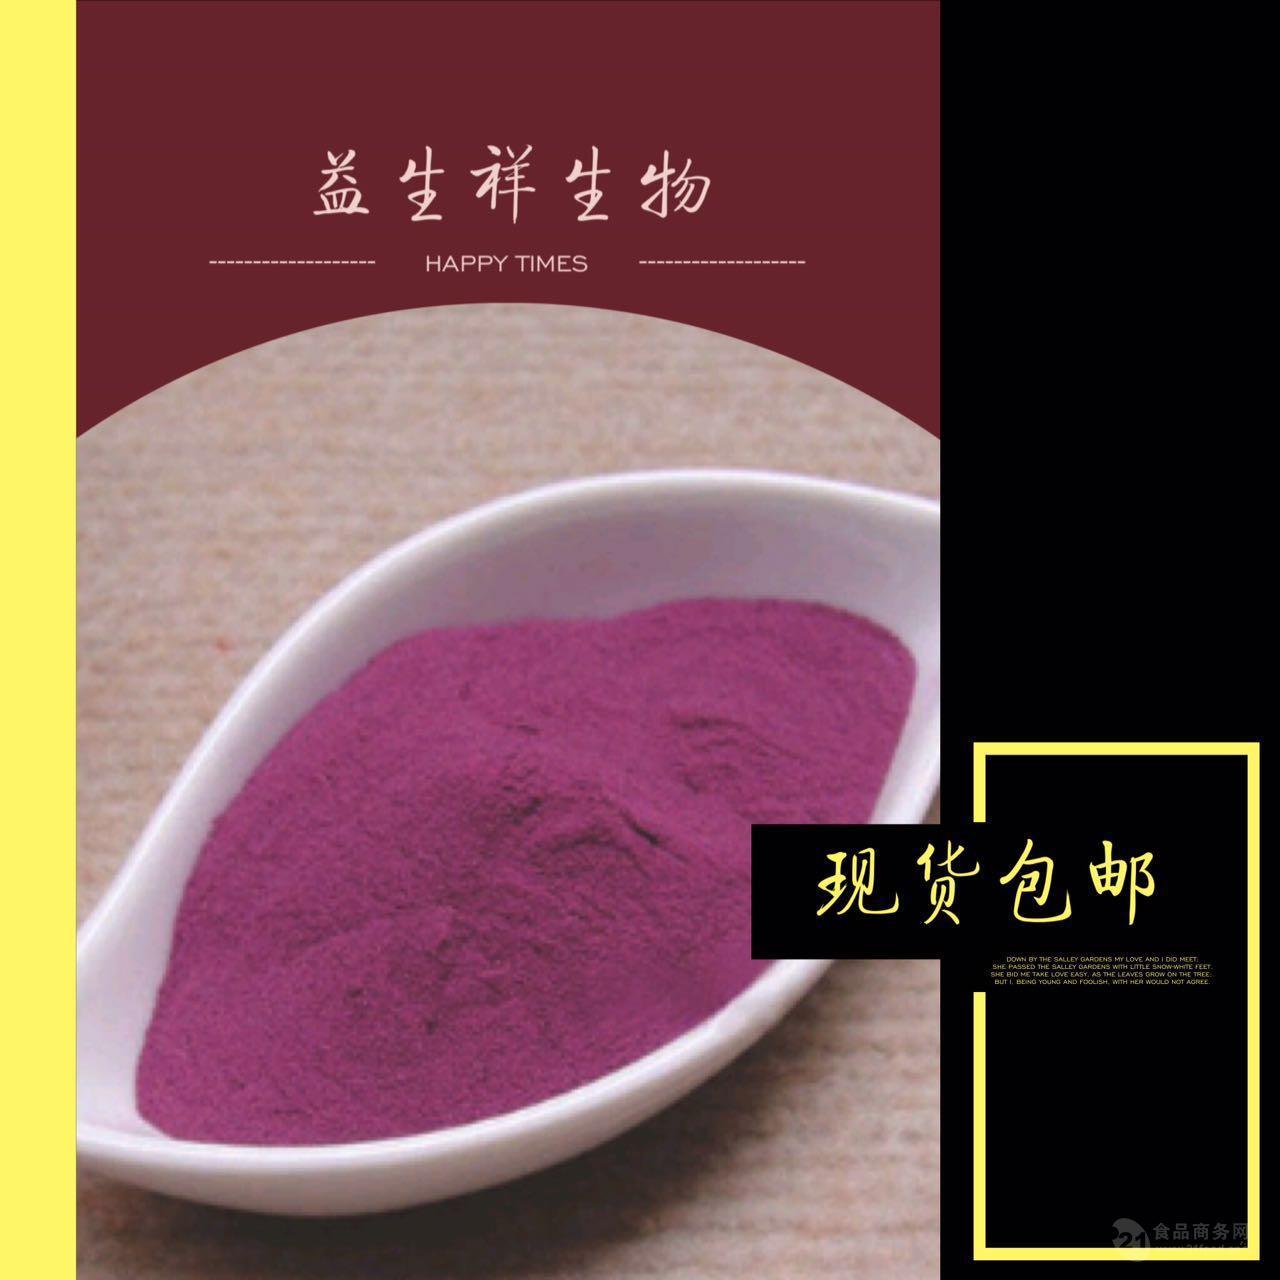 紫薯粉 柚皮甙98% 现货包邮 100%专业提取 24kg纸板桶